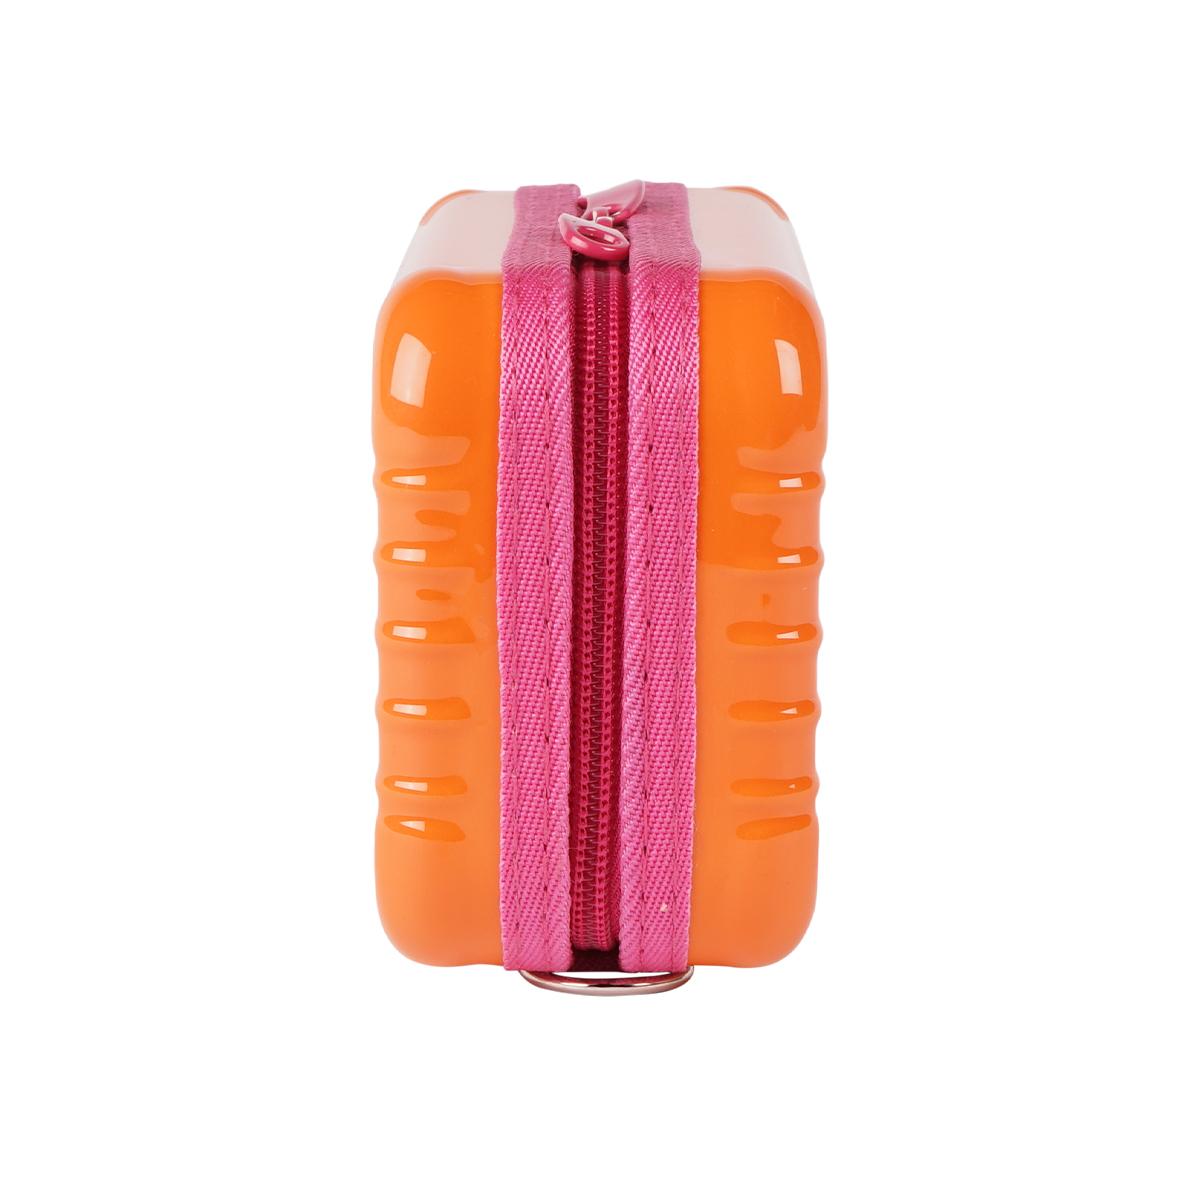 3WAYバイカラーミニトランクポーチ (ORANGE×PINK) LA19010002